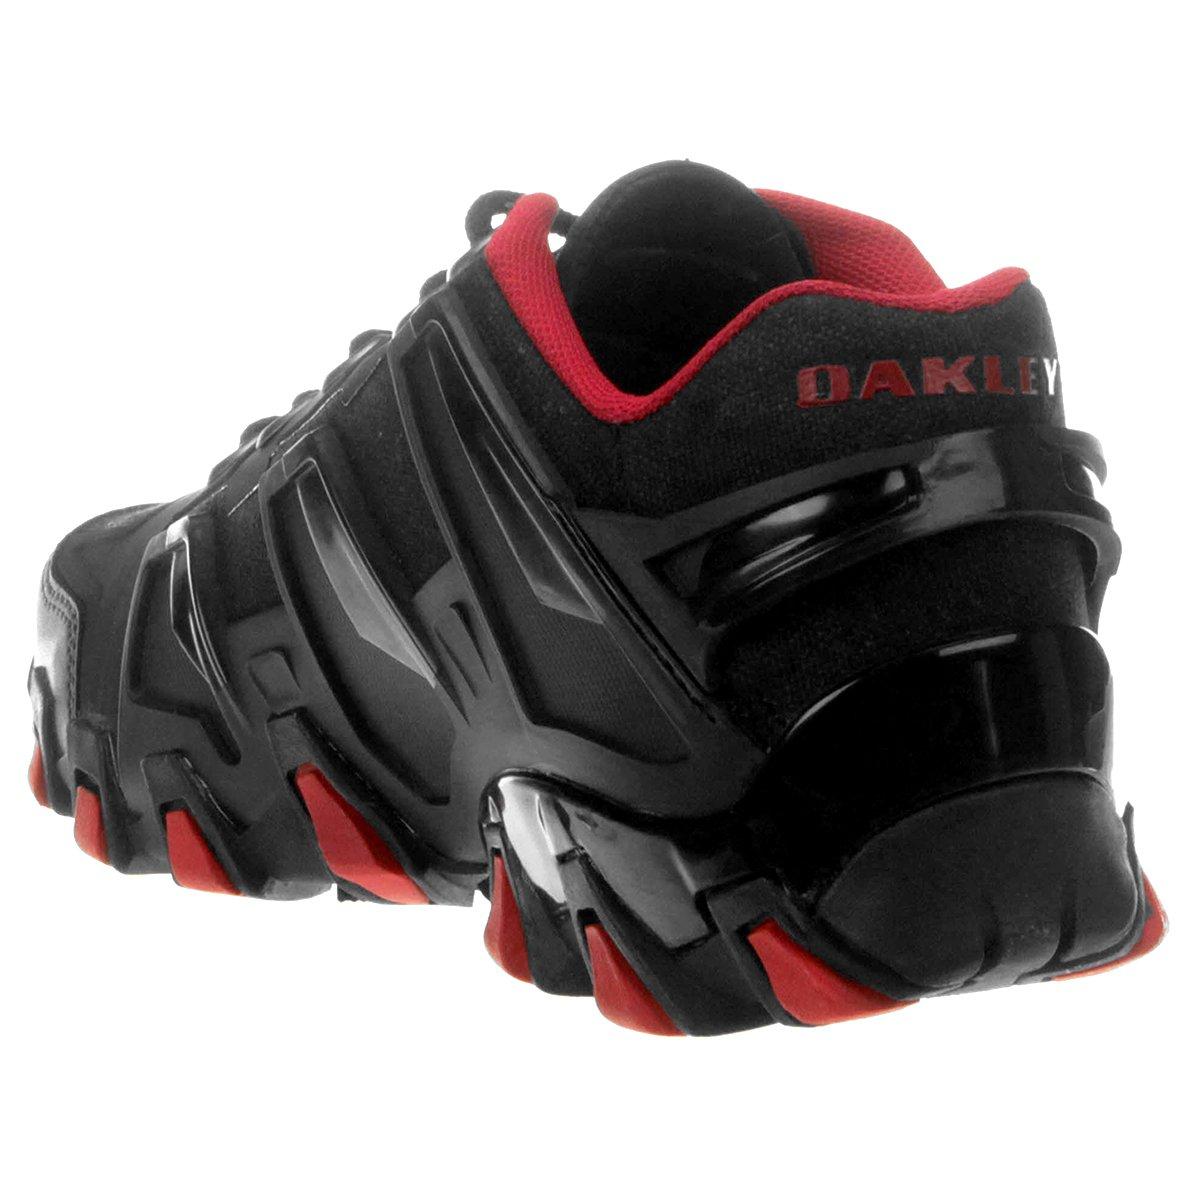 Tênis Oakley Hardshell - Preto e Vermelho - Compre Agora   Netshoes 05117e4064